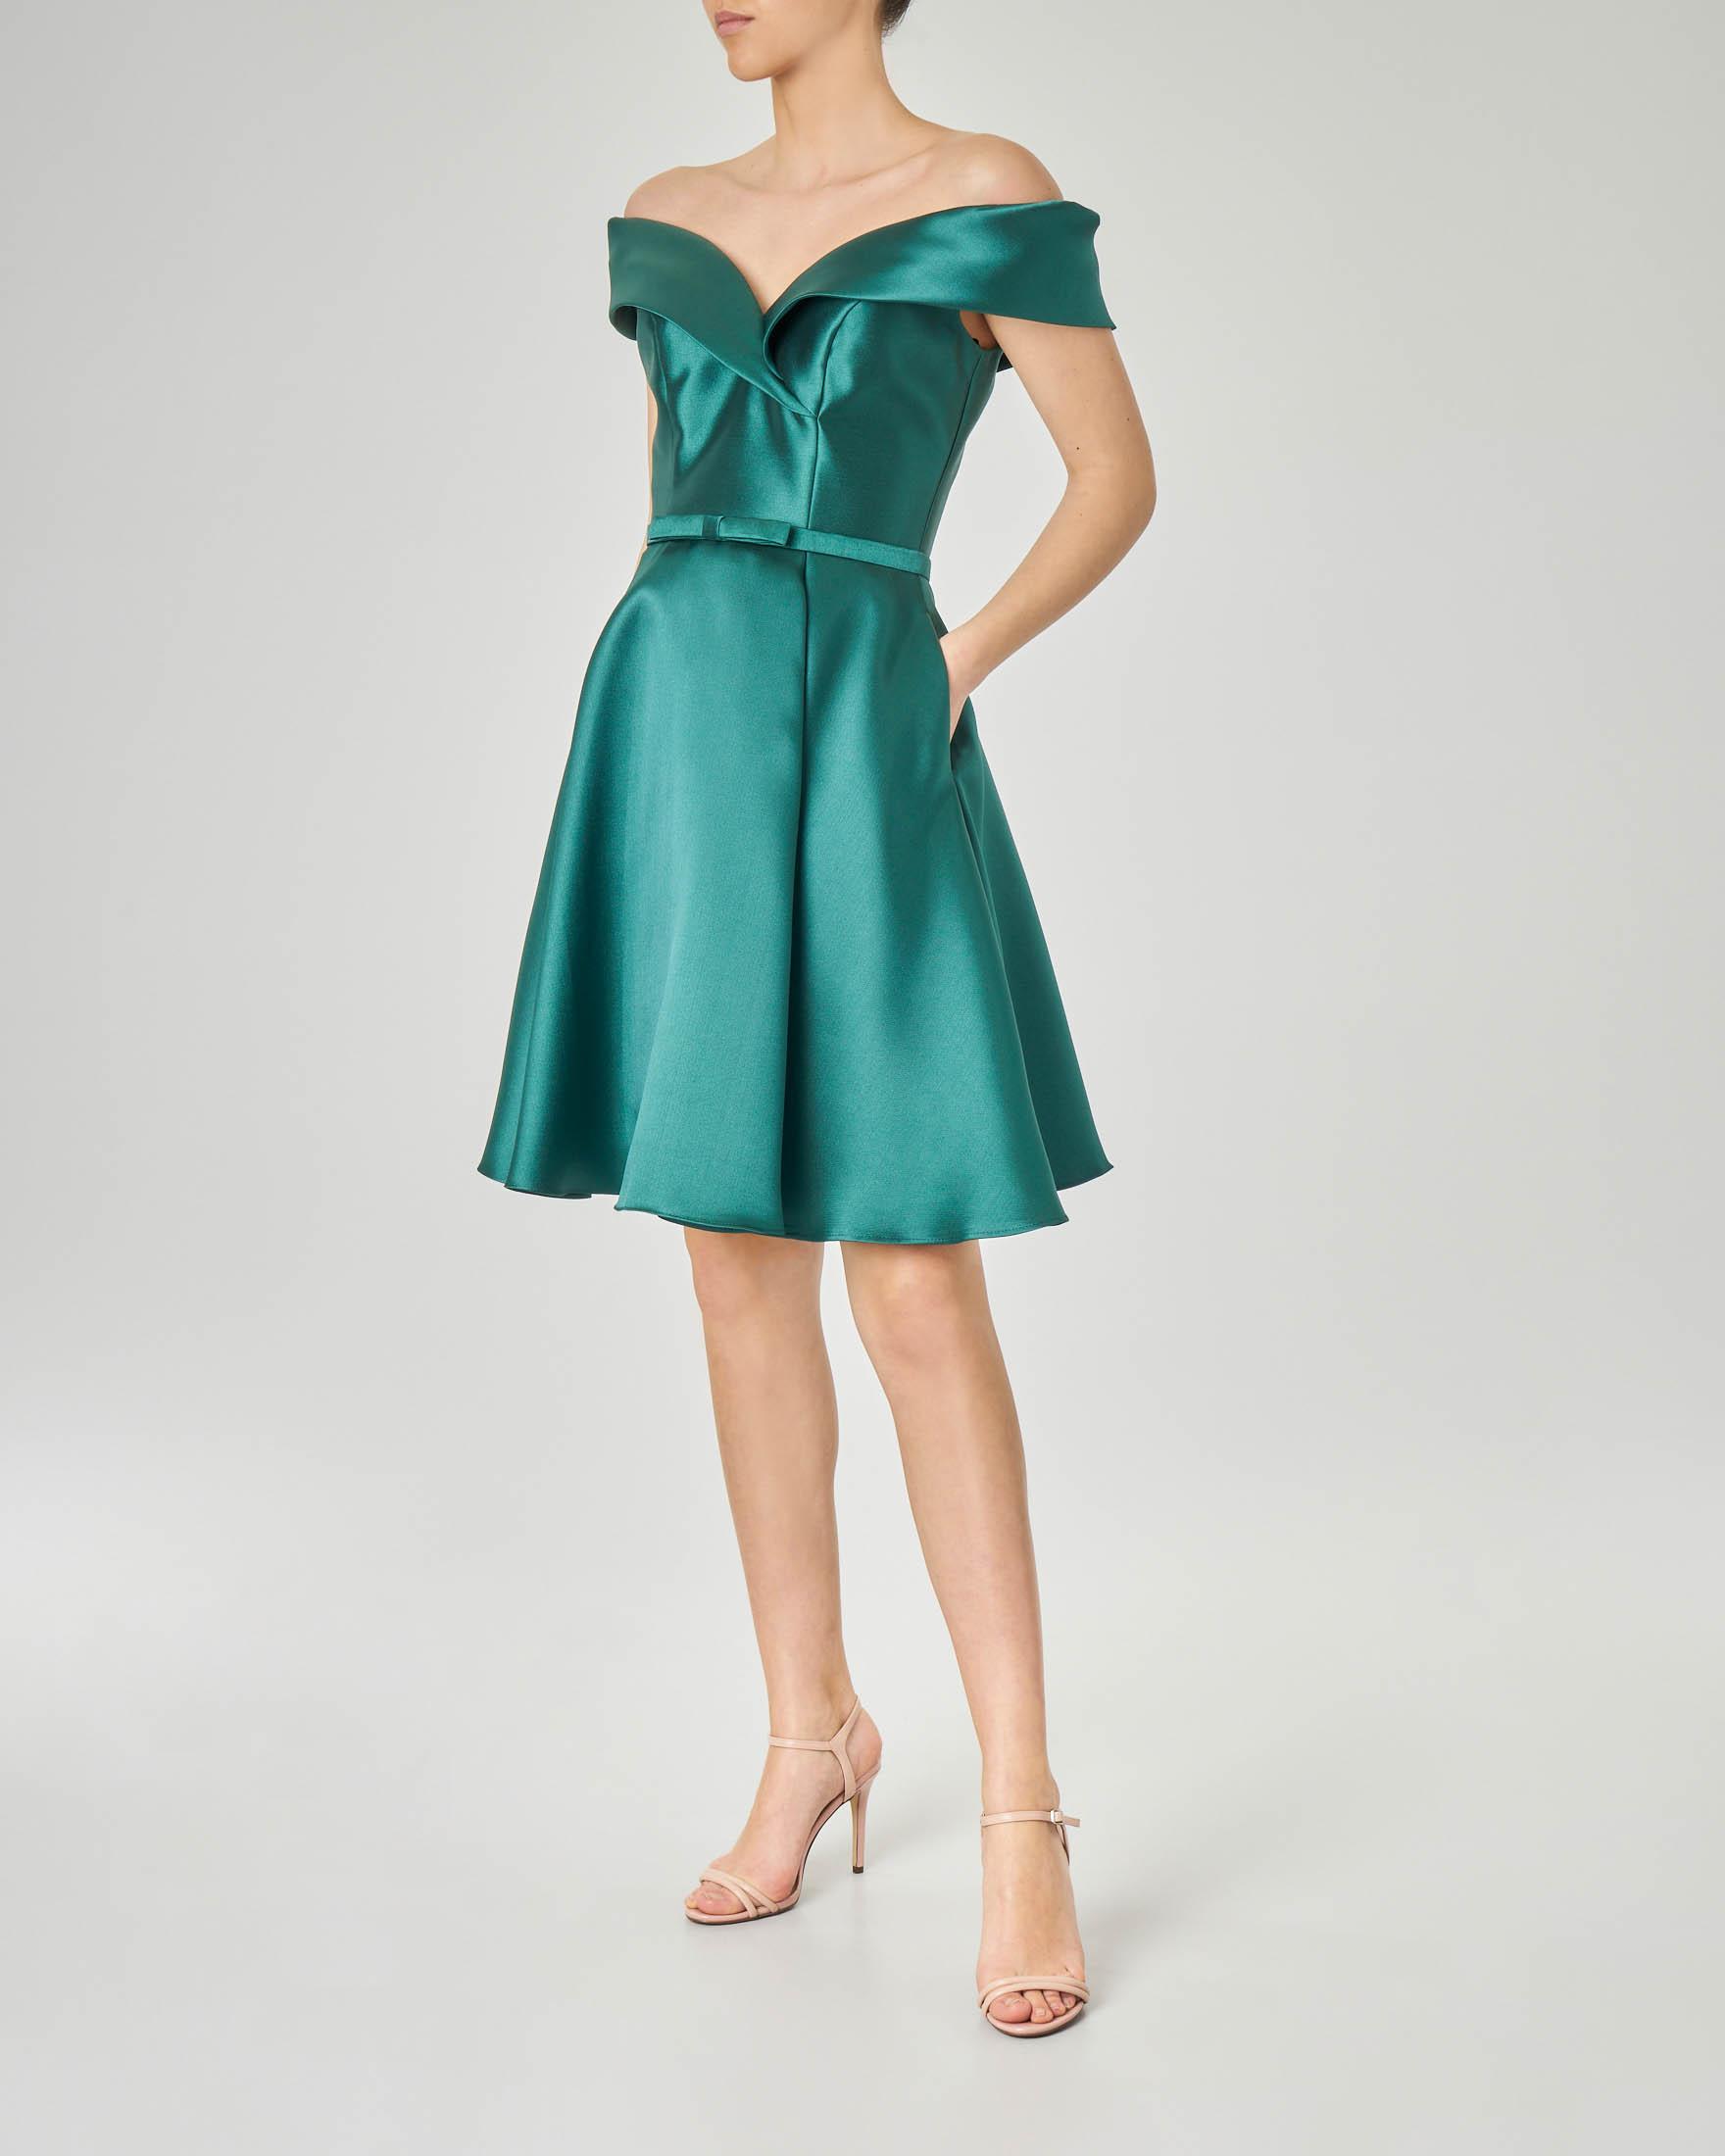 Abito in tessuto effetto raso color verde smeraldo con gonna ampia e scollatura a cuore